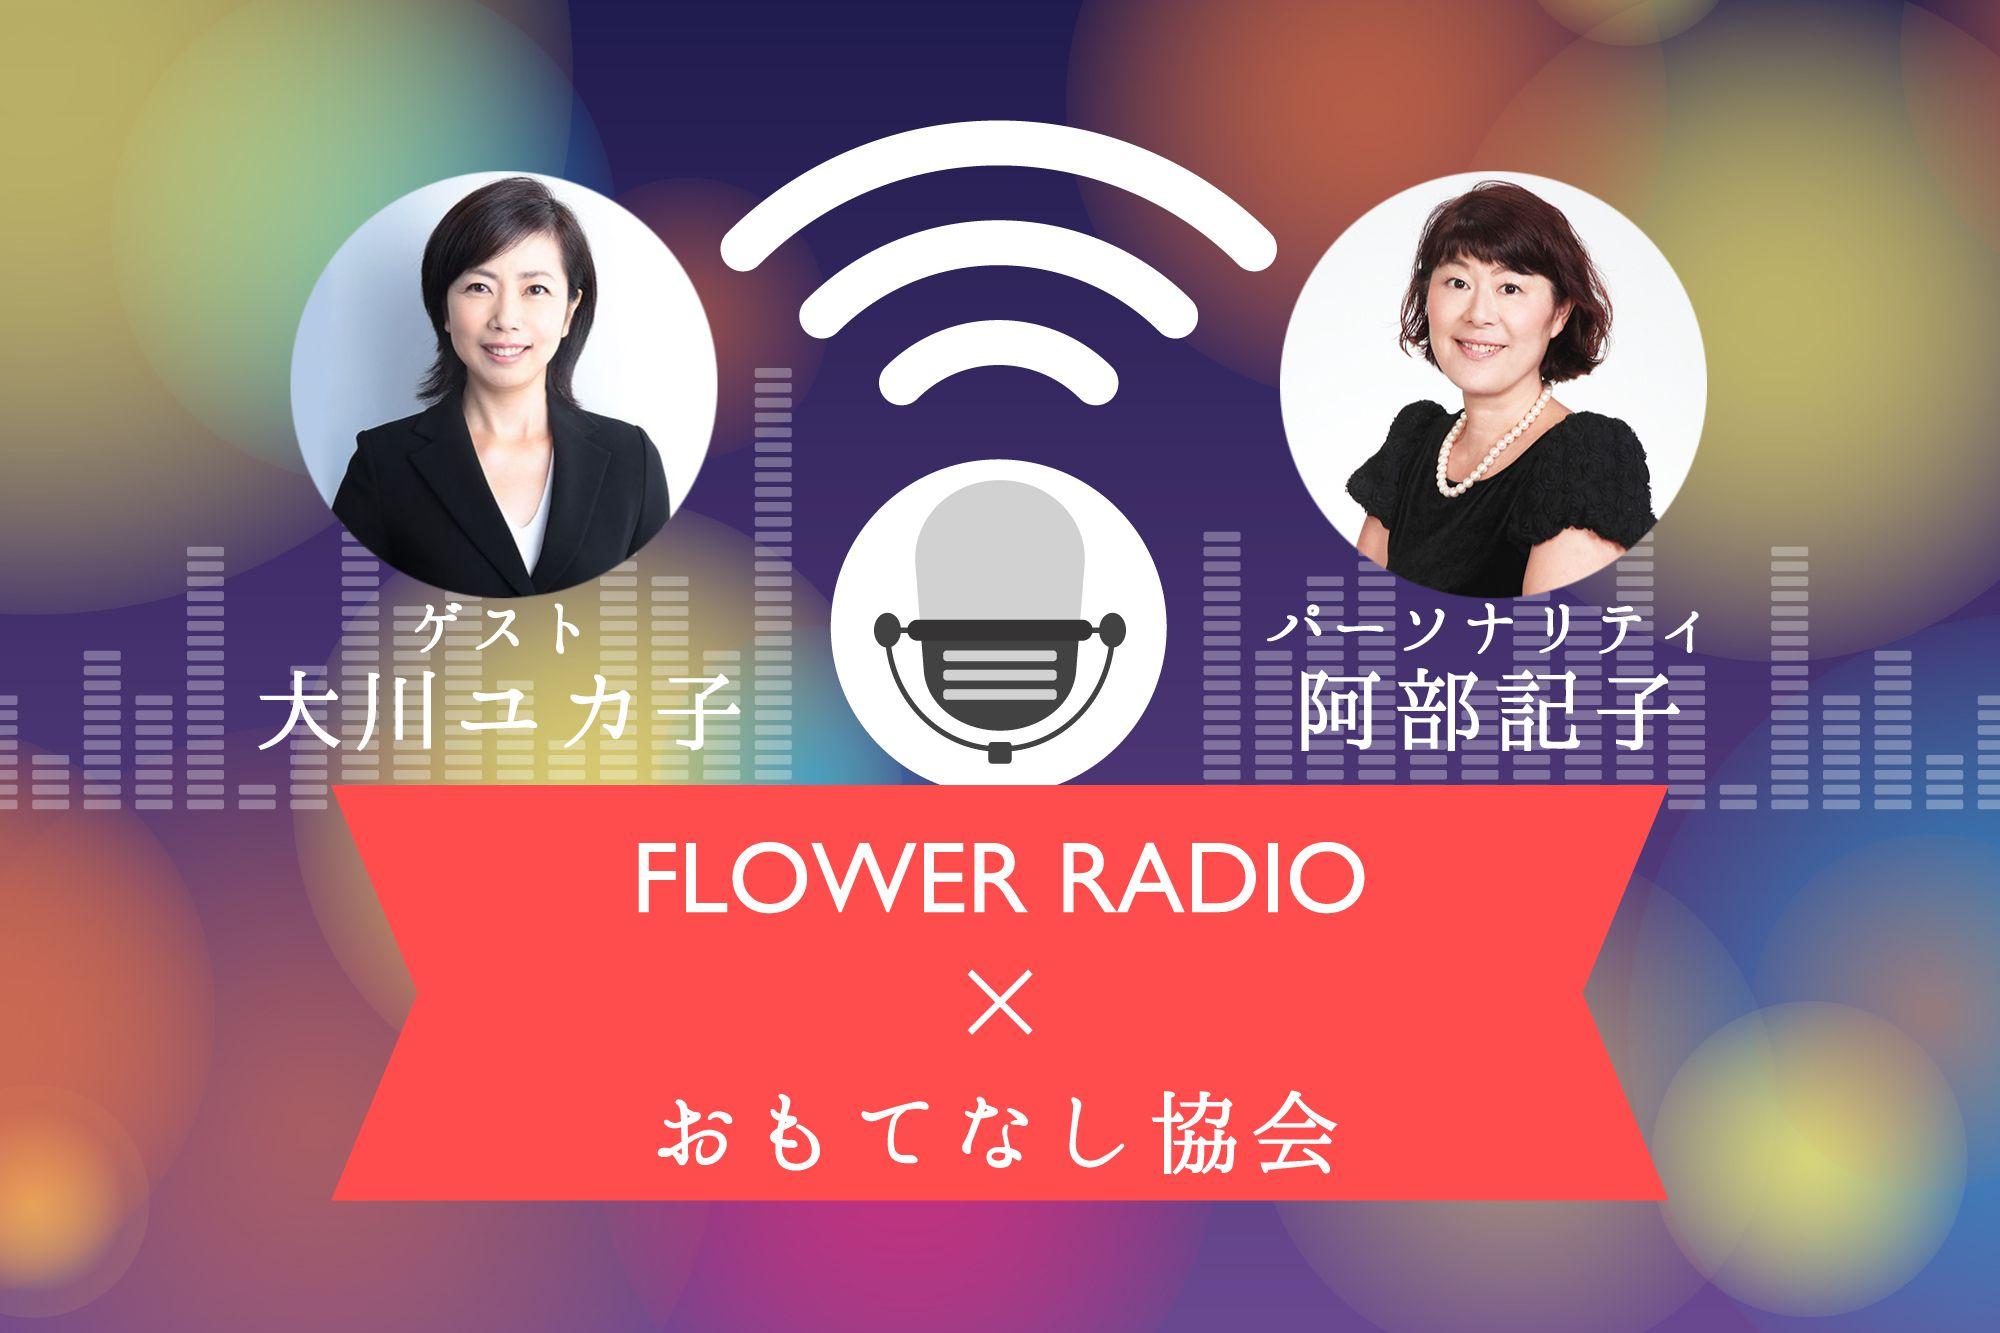 おもてなし協会-コミュニティFM放送フラワーラジオ